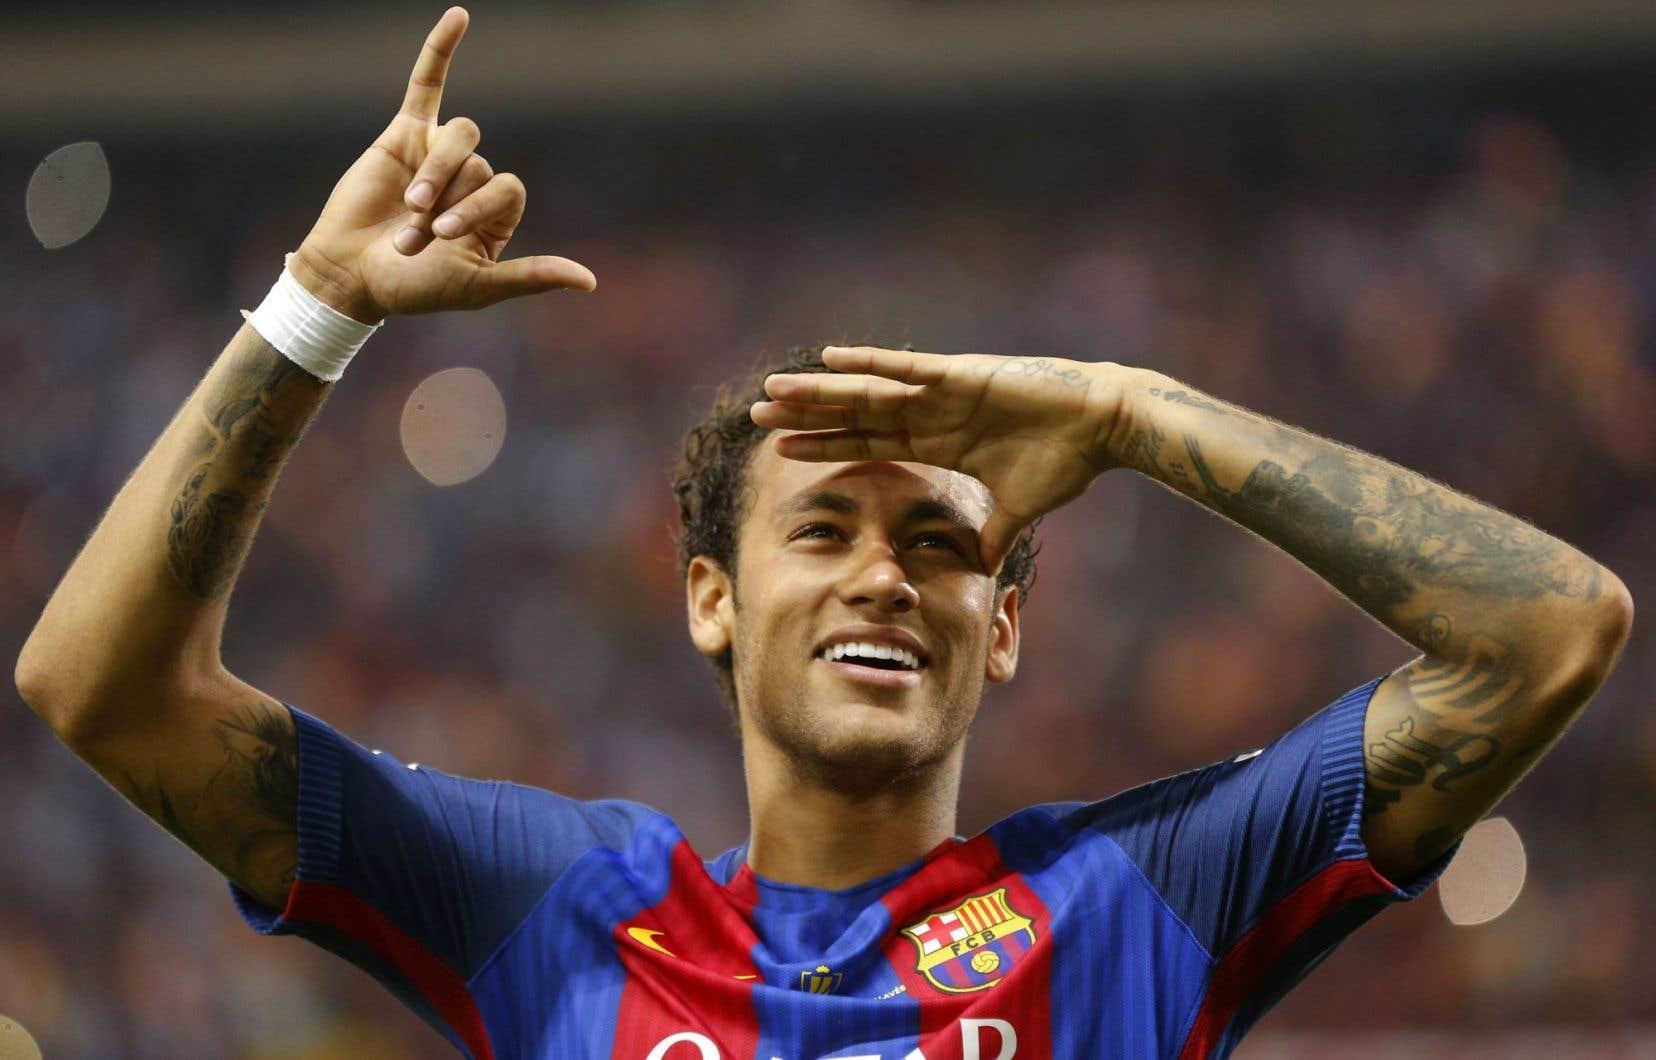 Âgé de 25 ans, Neymar est déjà reconnu comme l'un des joueurs de soccer les plus talentueux au monde.